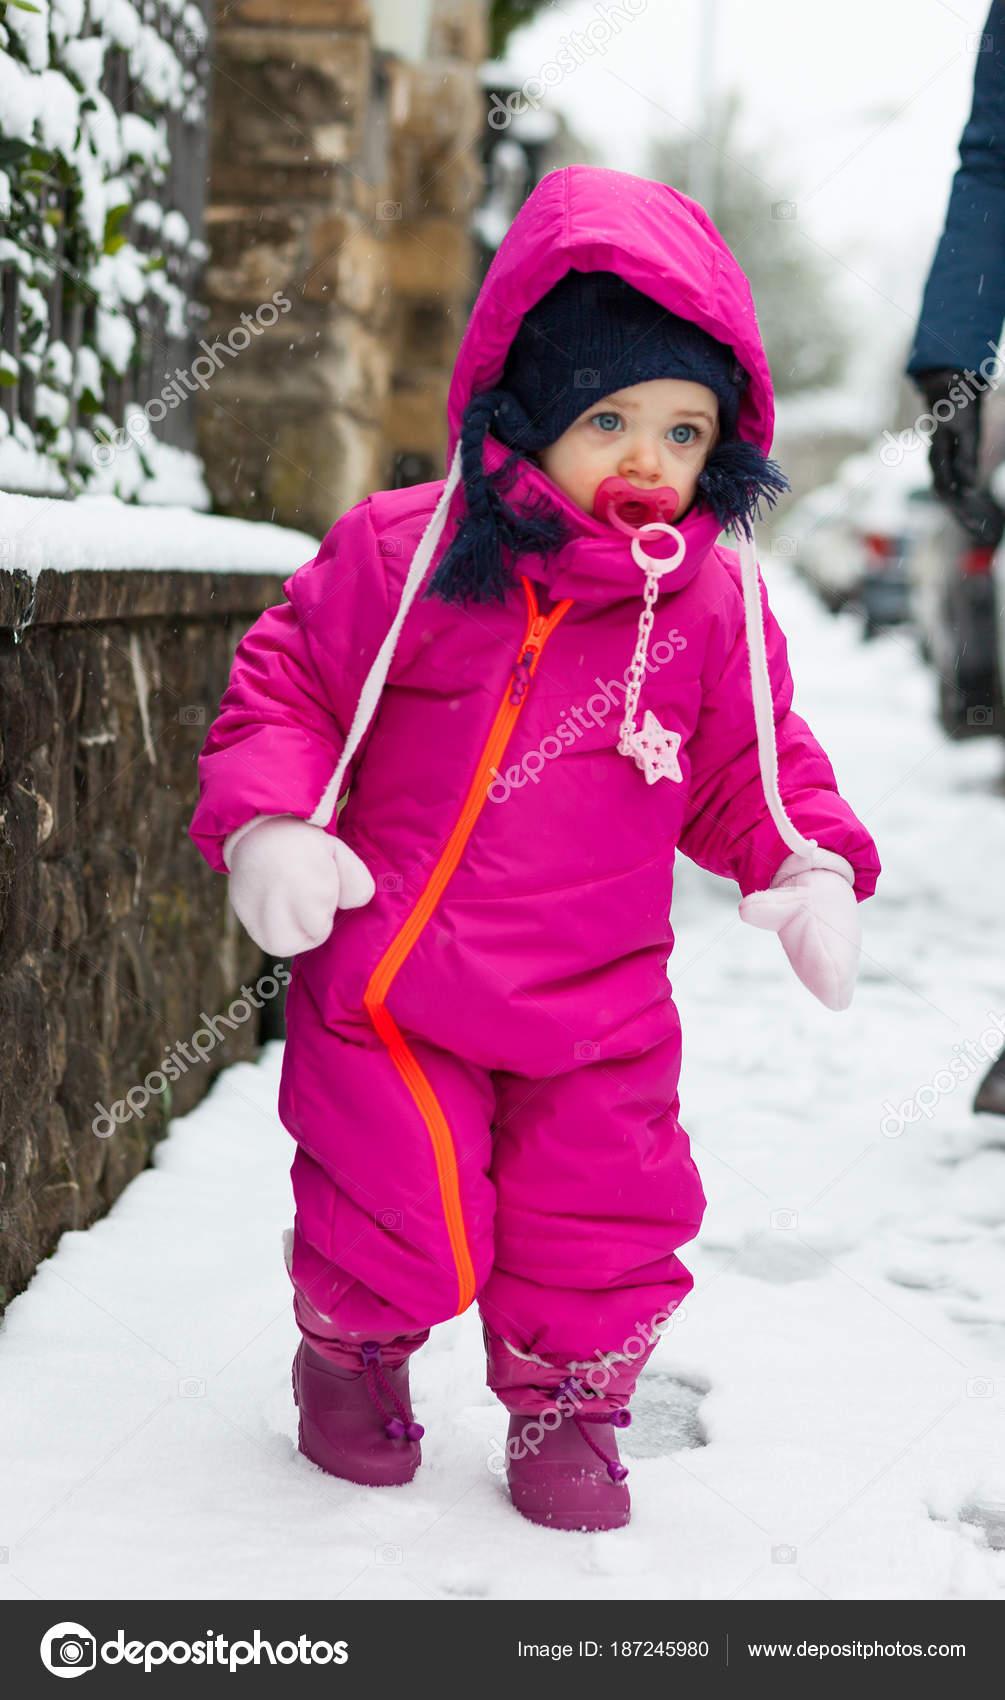 3b8ca2733 Meisje van de baby van de peuter in een pak van de magenta sneeuw ...